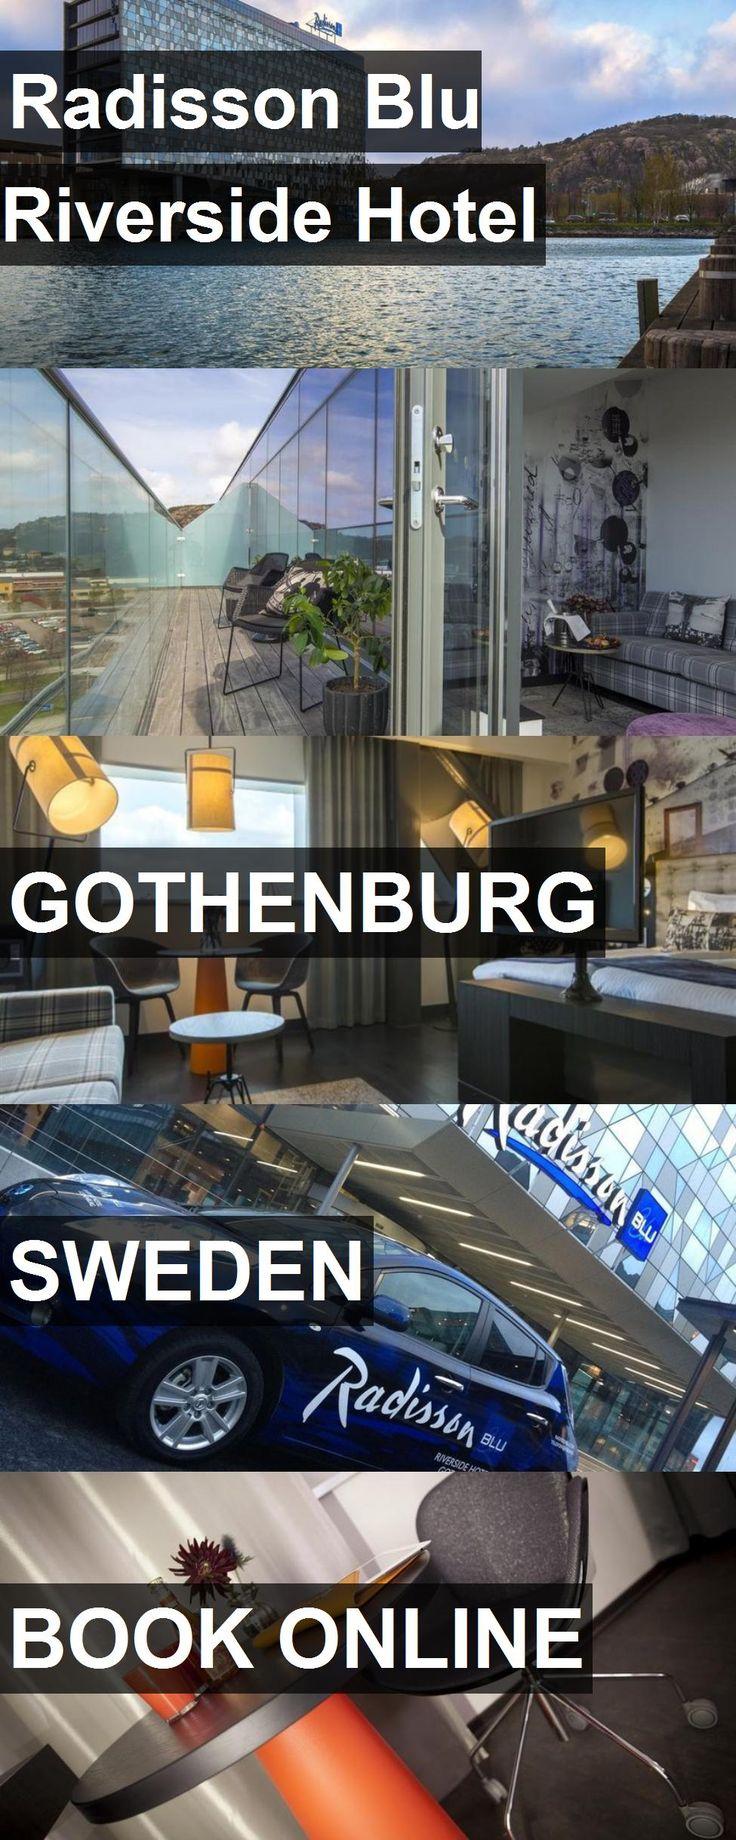 Radisson Blu Riverside Hotel in Gothenburg, Sweden…